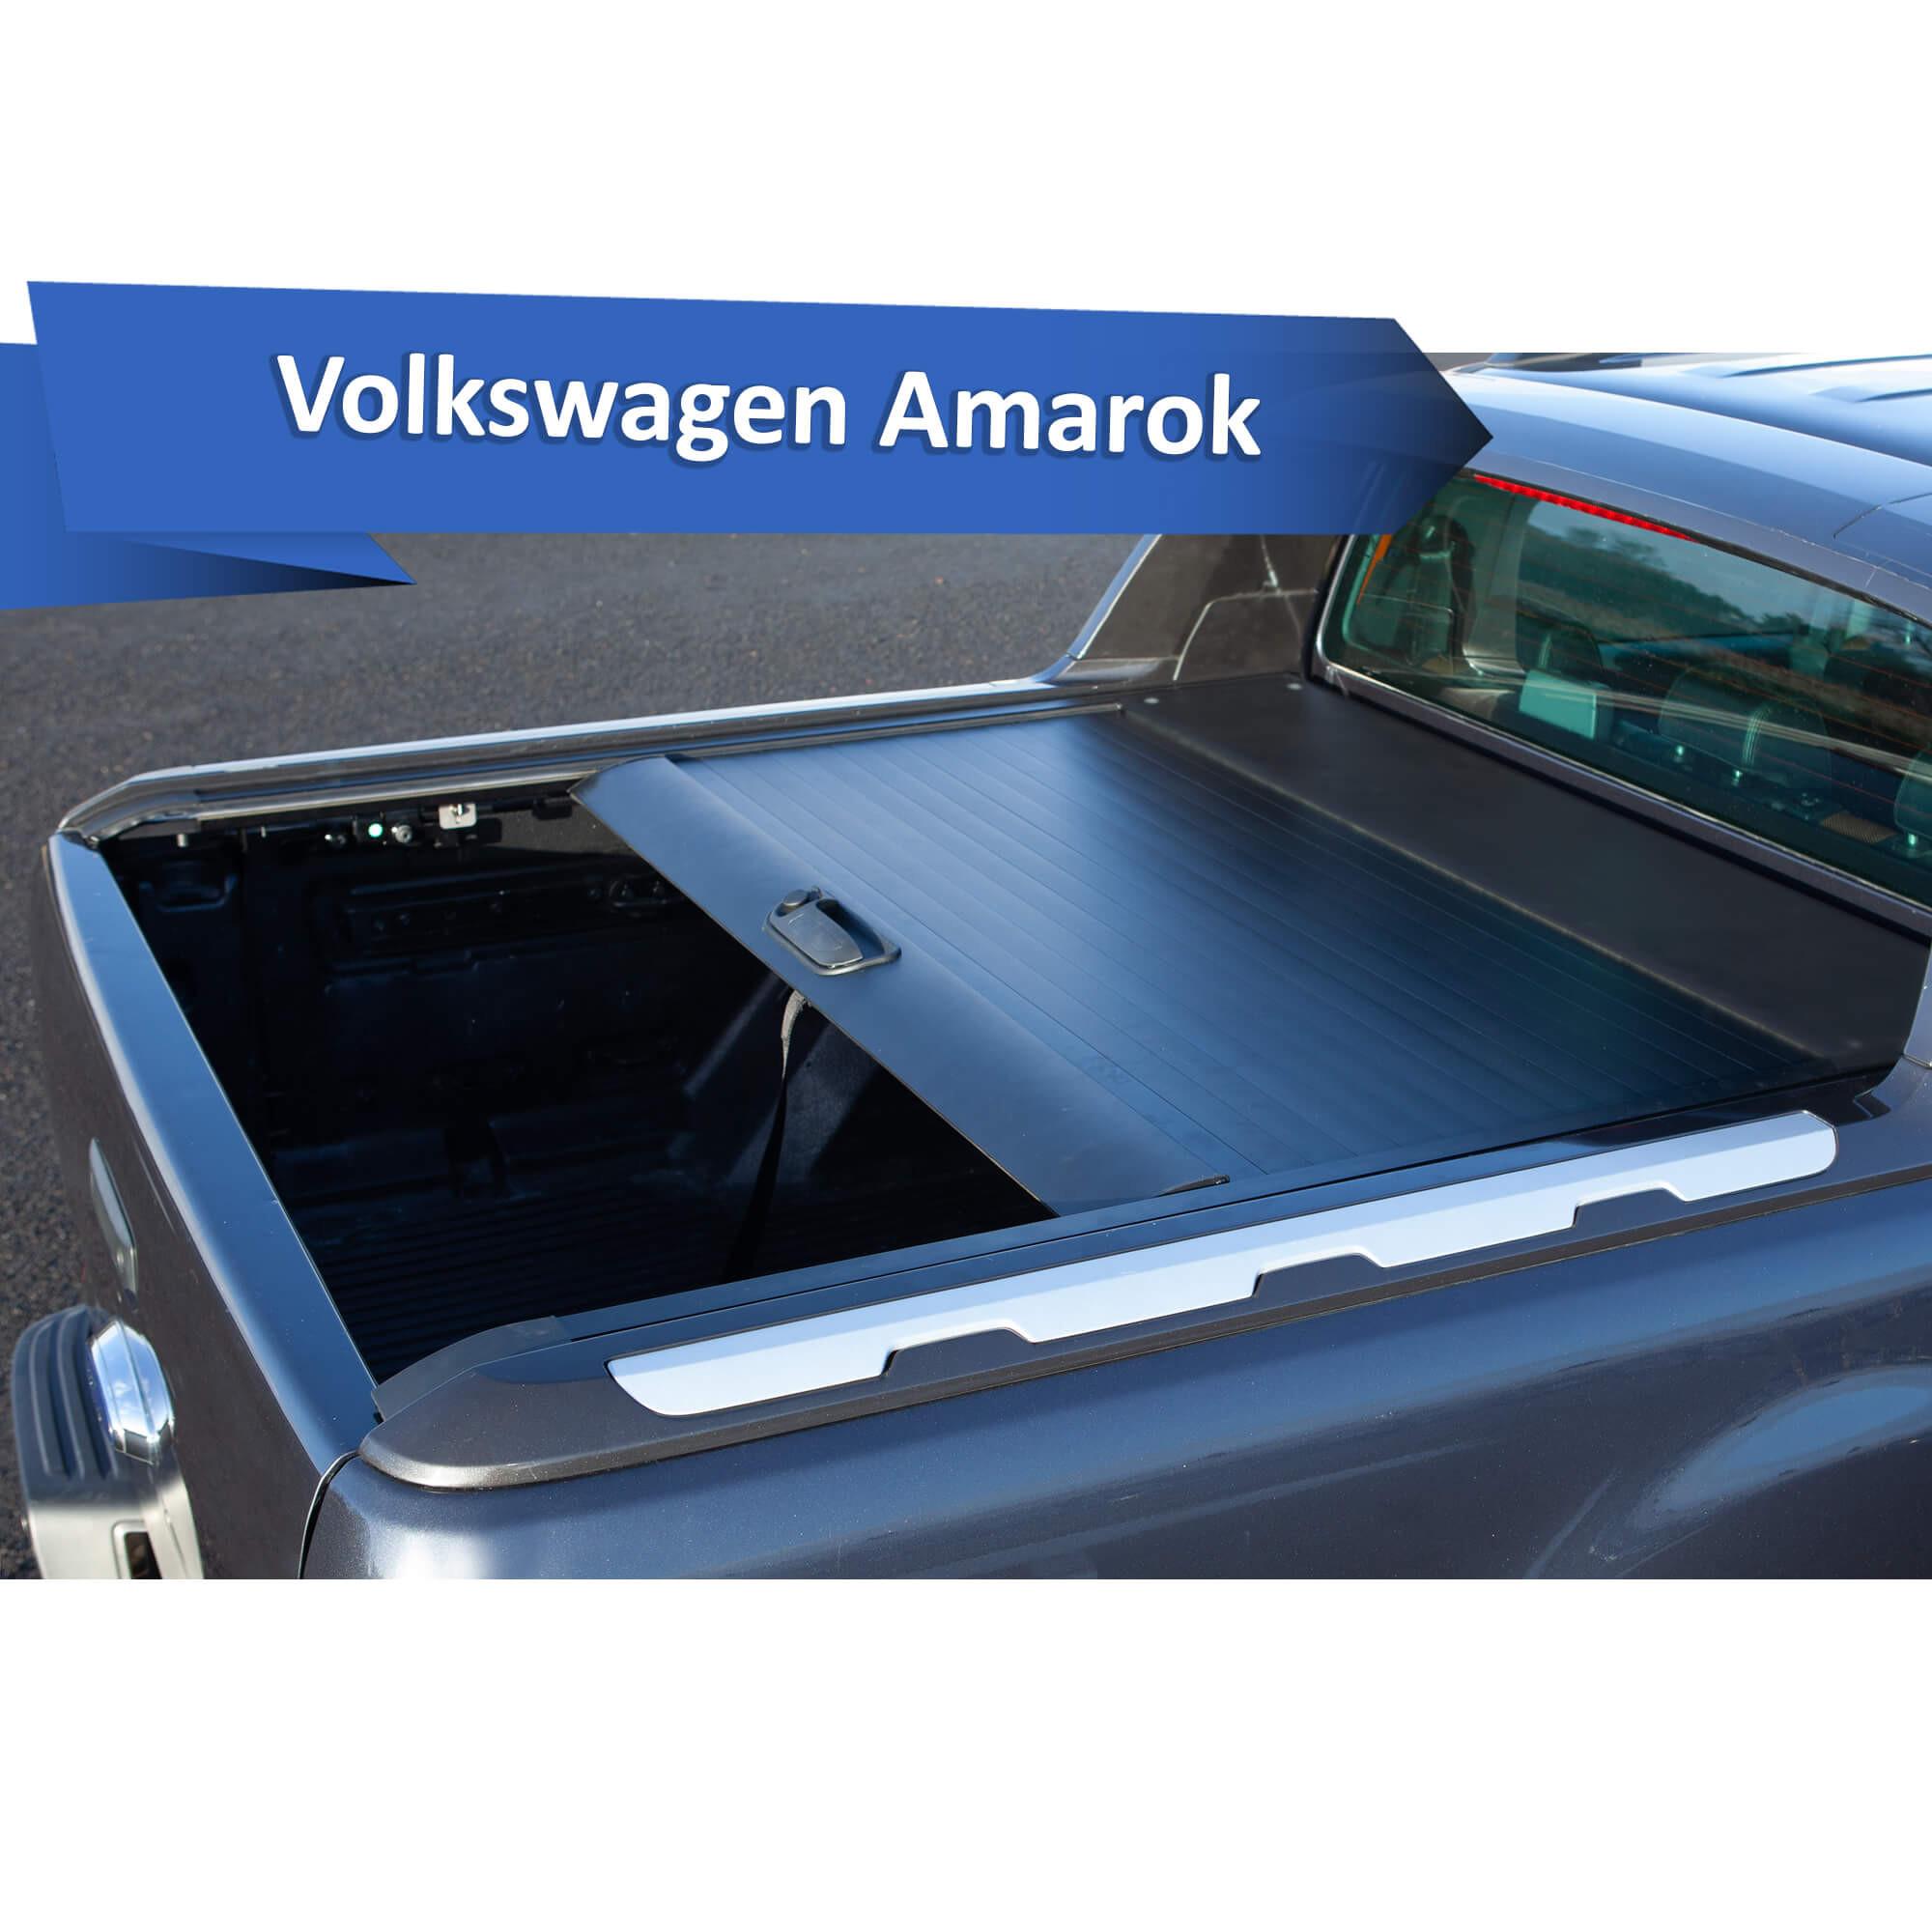 2018 Volkswagen Amarok V6 Roller Shutter